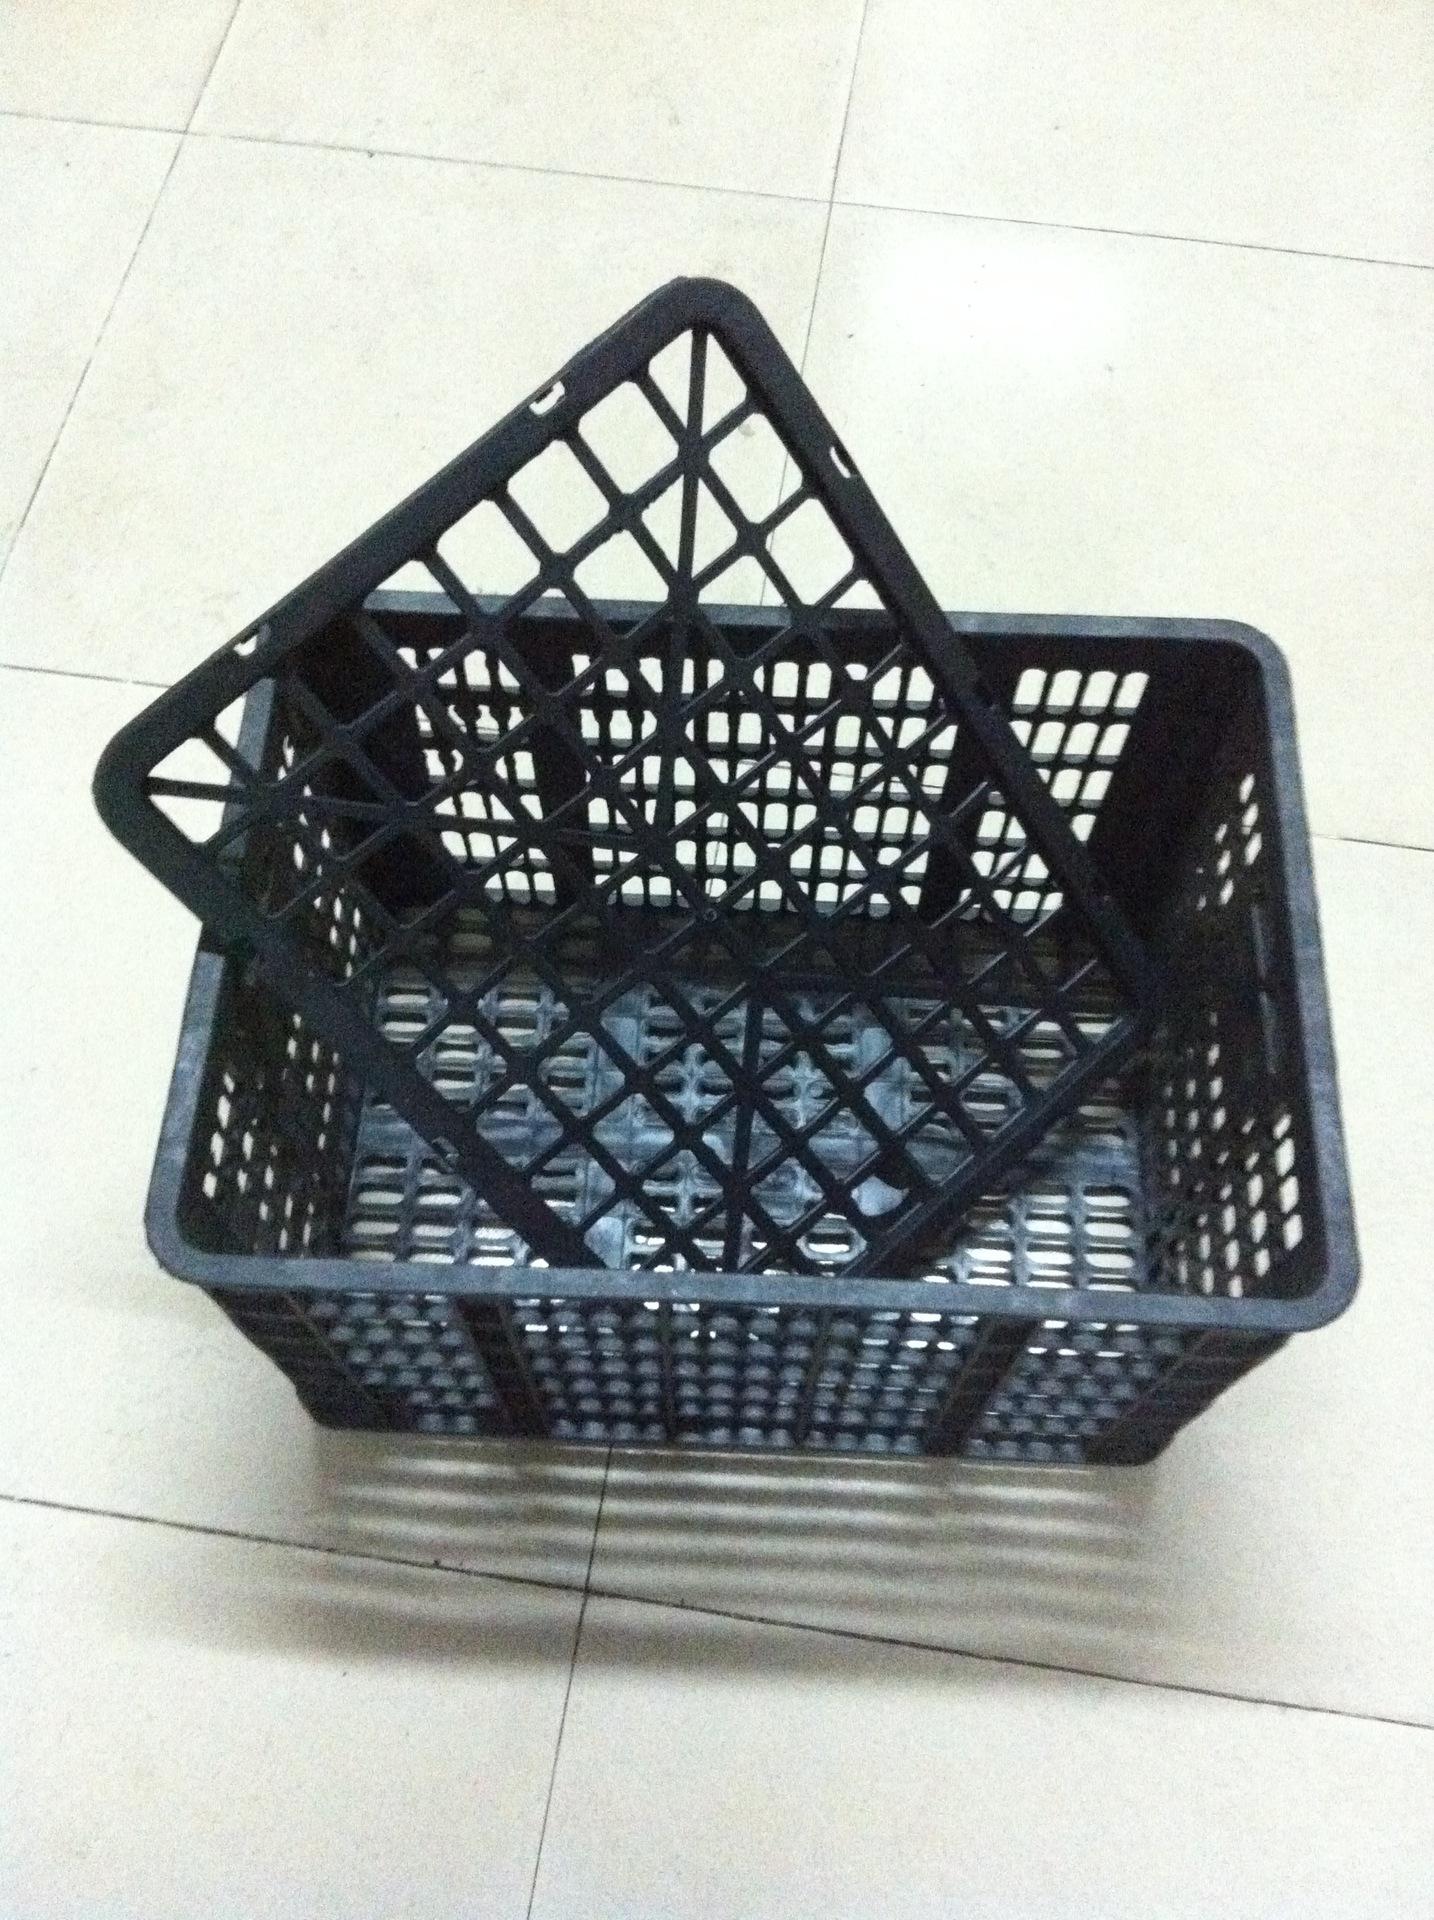 塑料箩/塑料筐/塑料周转箱/水果箱/瓜菜筐565*394*348